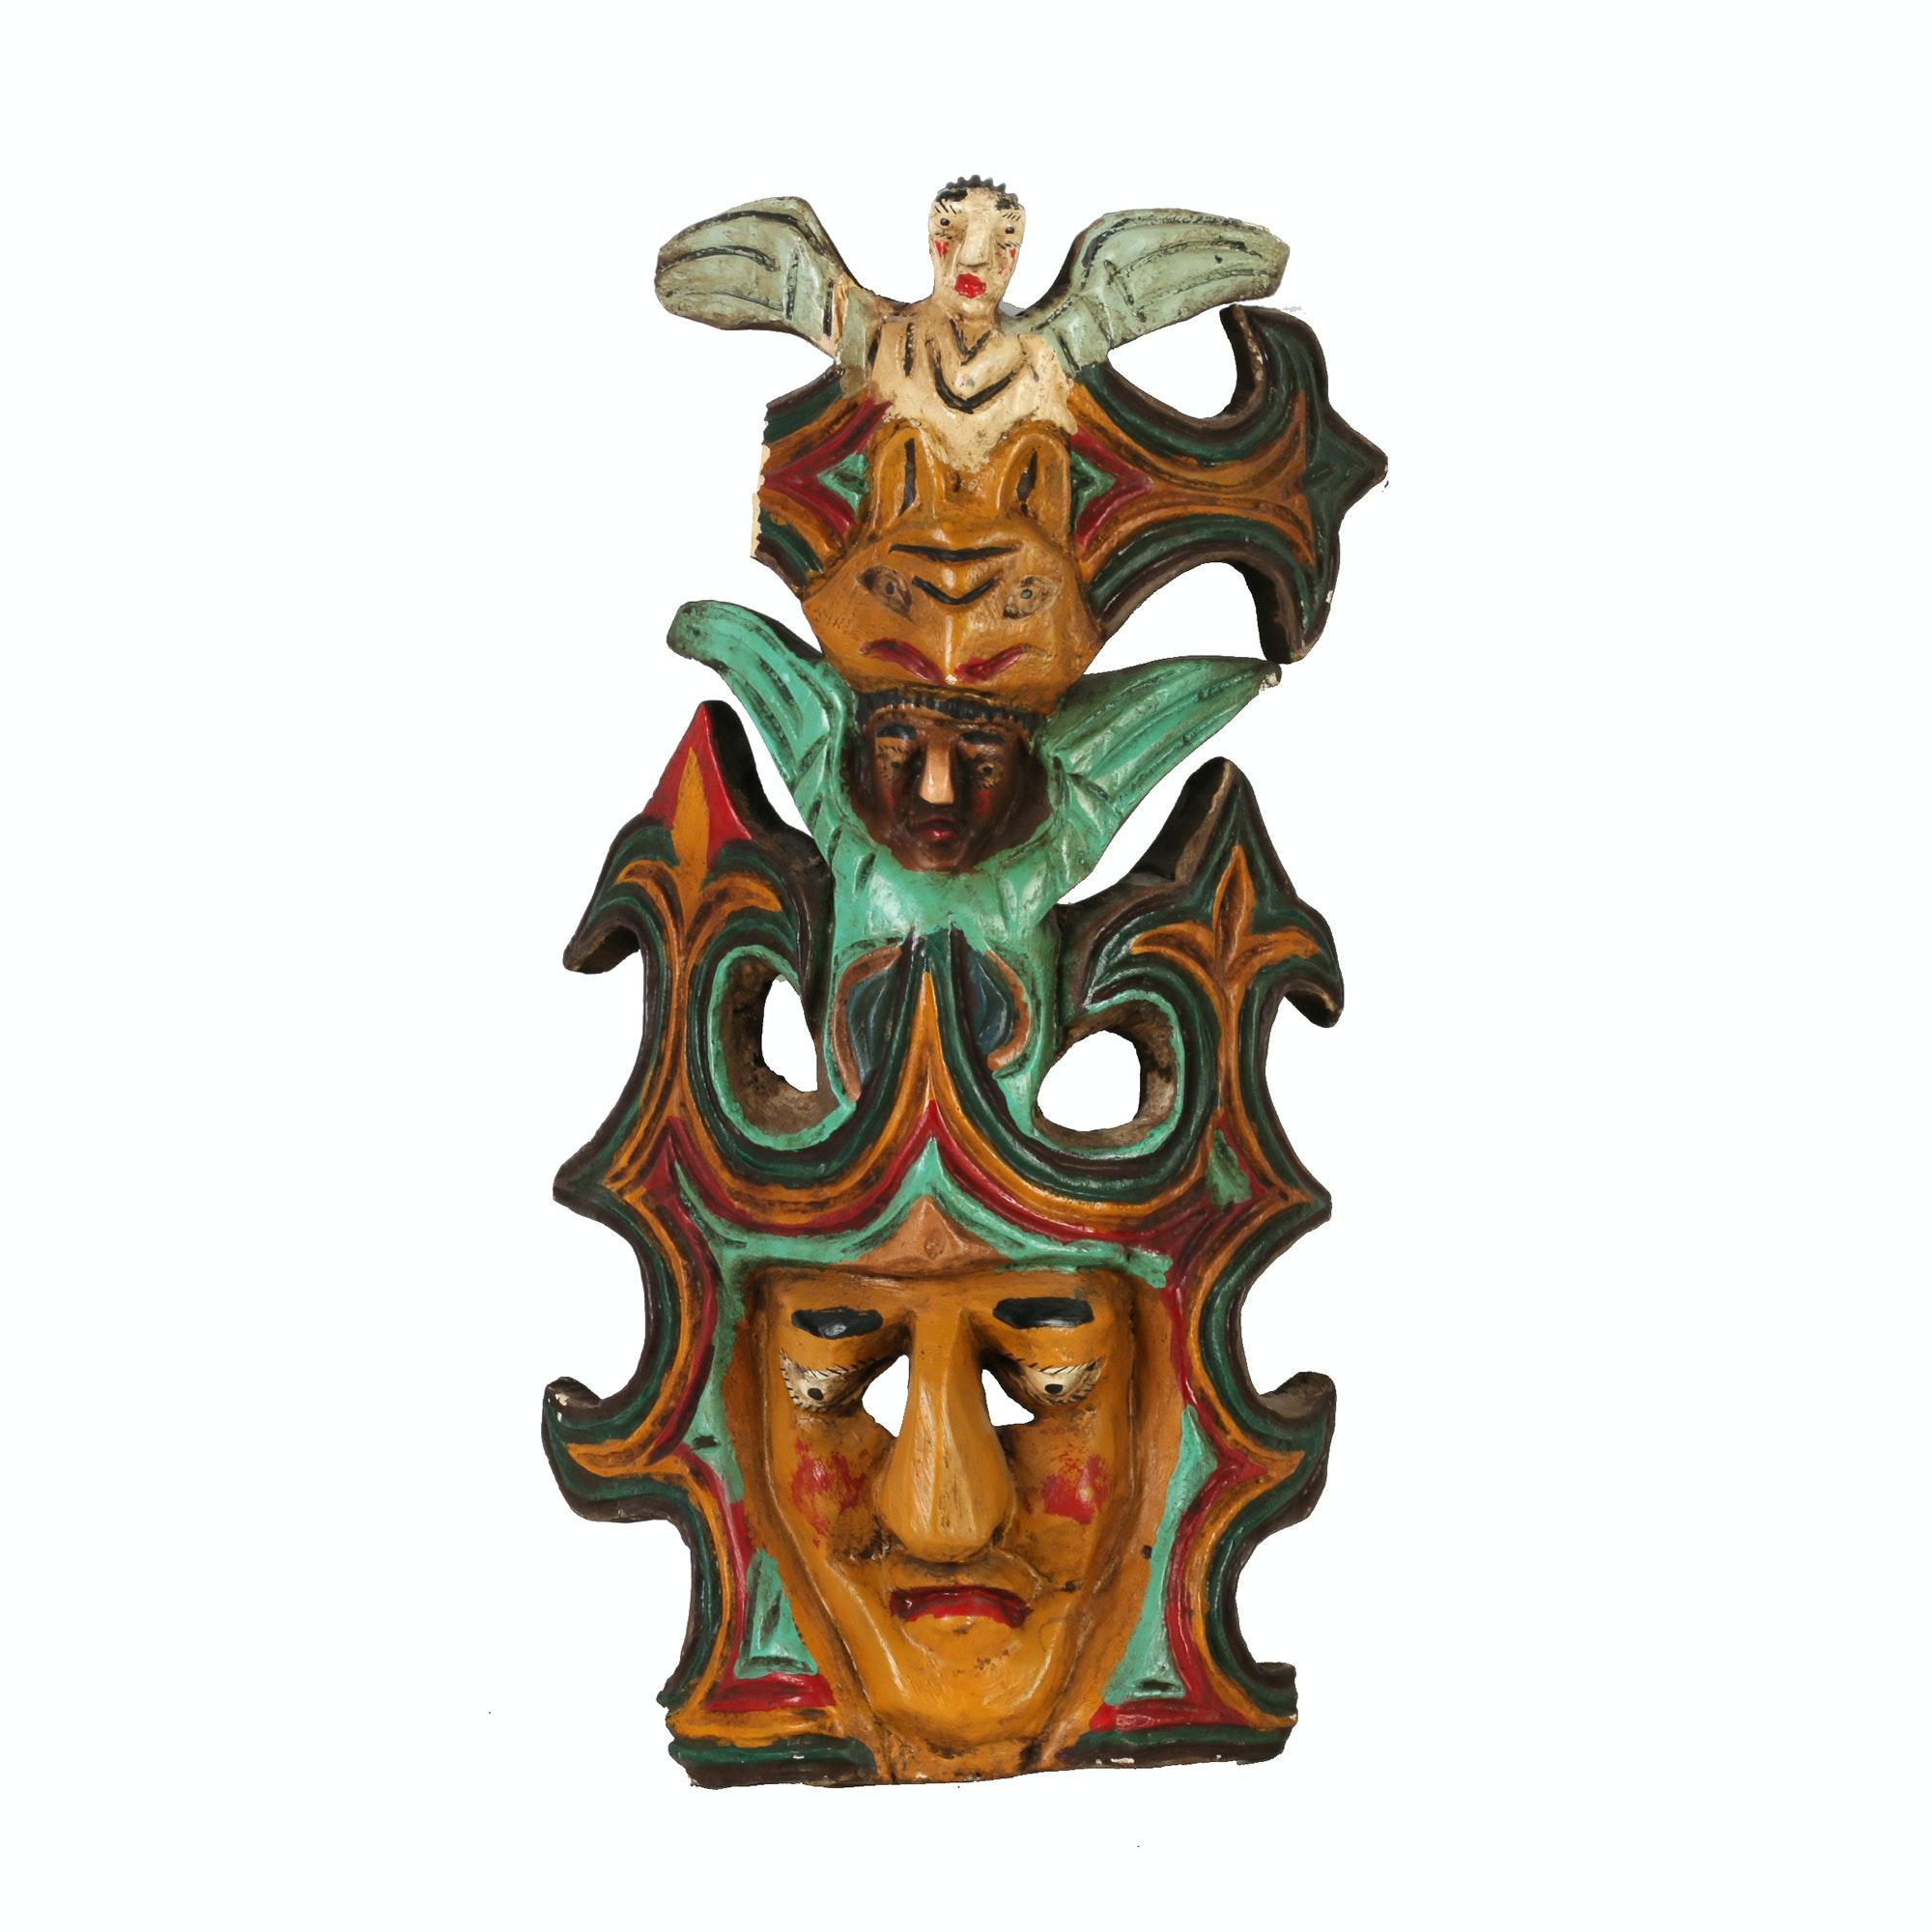 Ethnographic Style Totem Mask